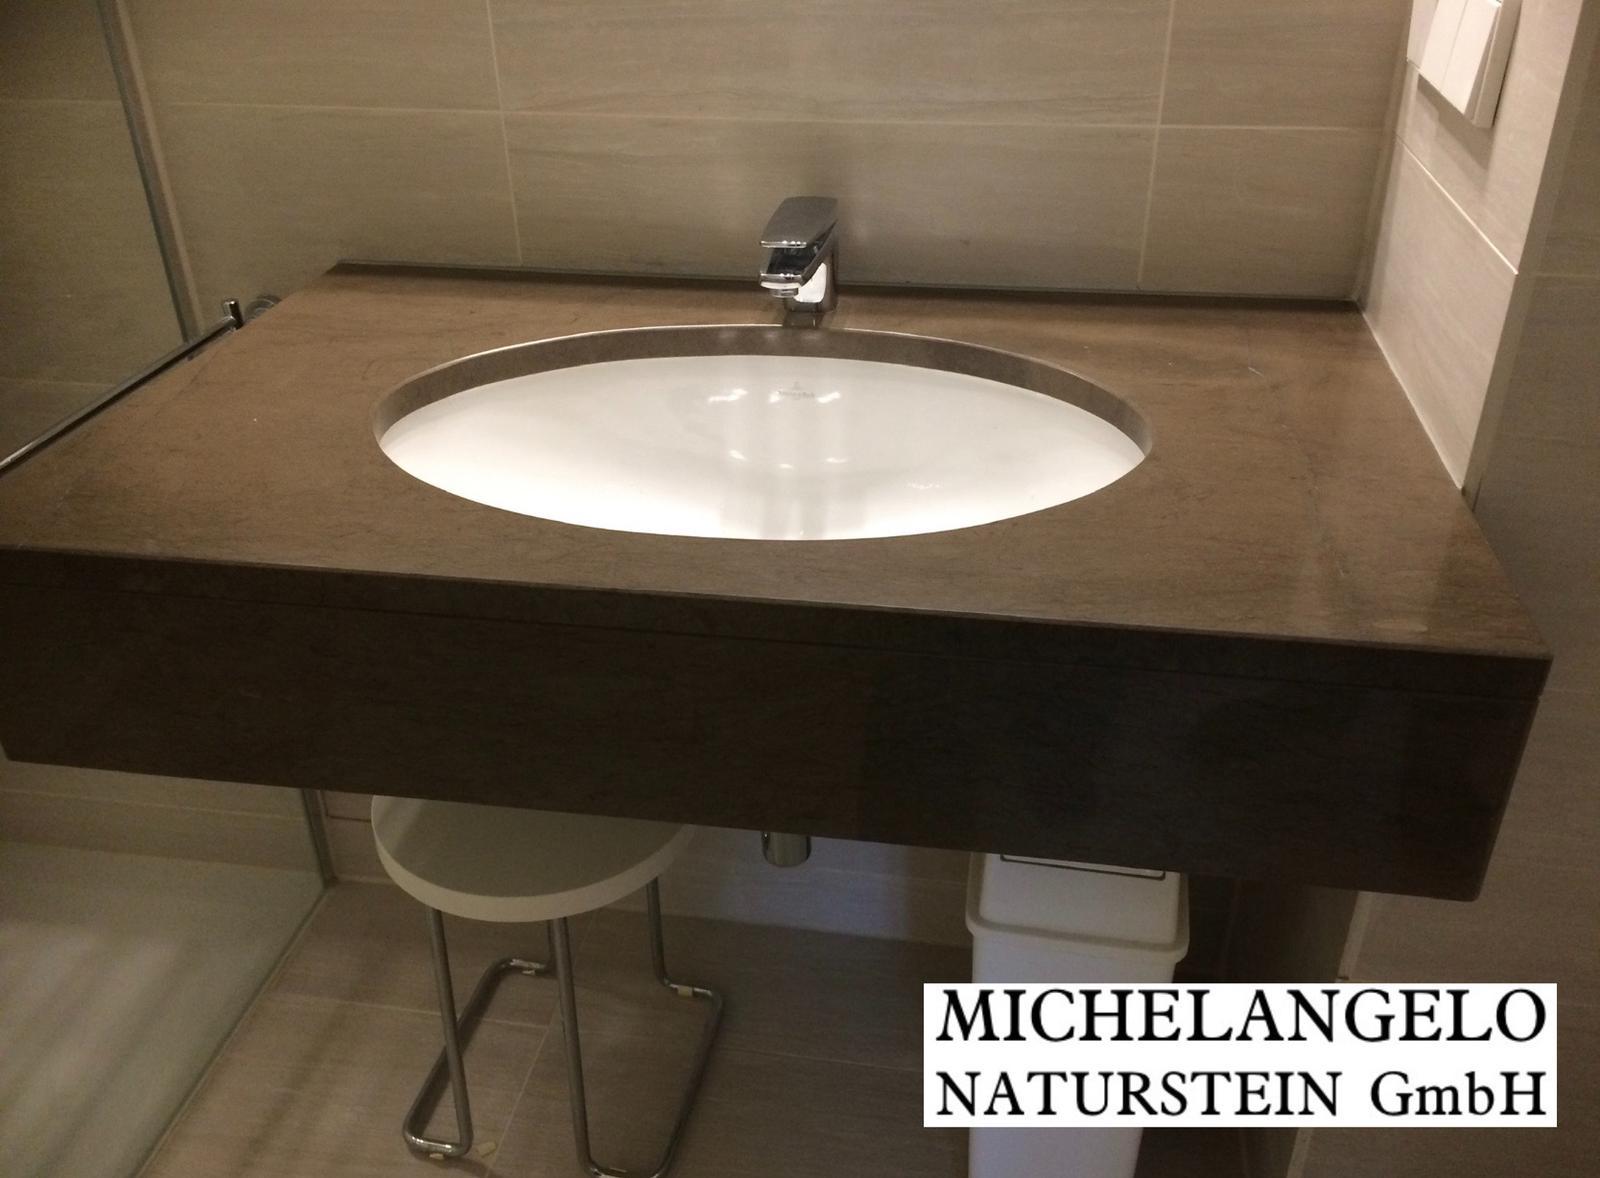 Michelangelo Naturstein für Badezimmer